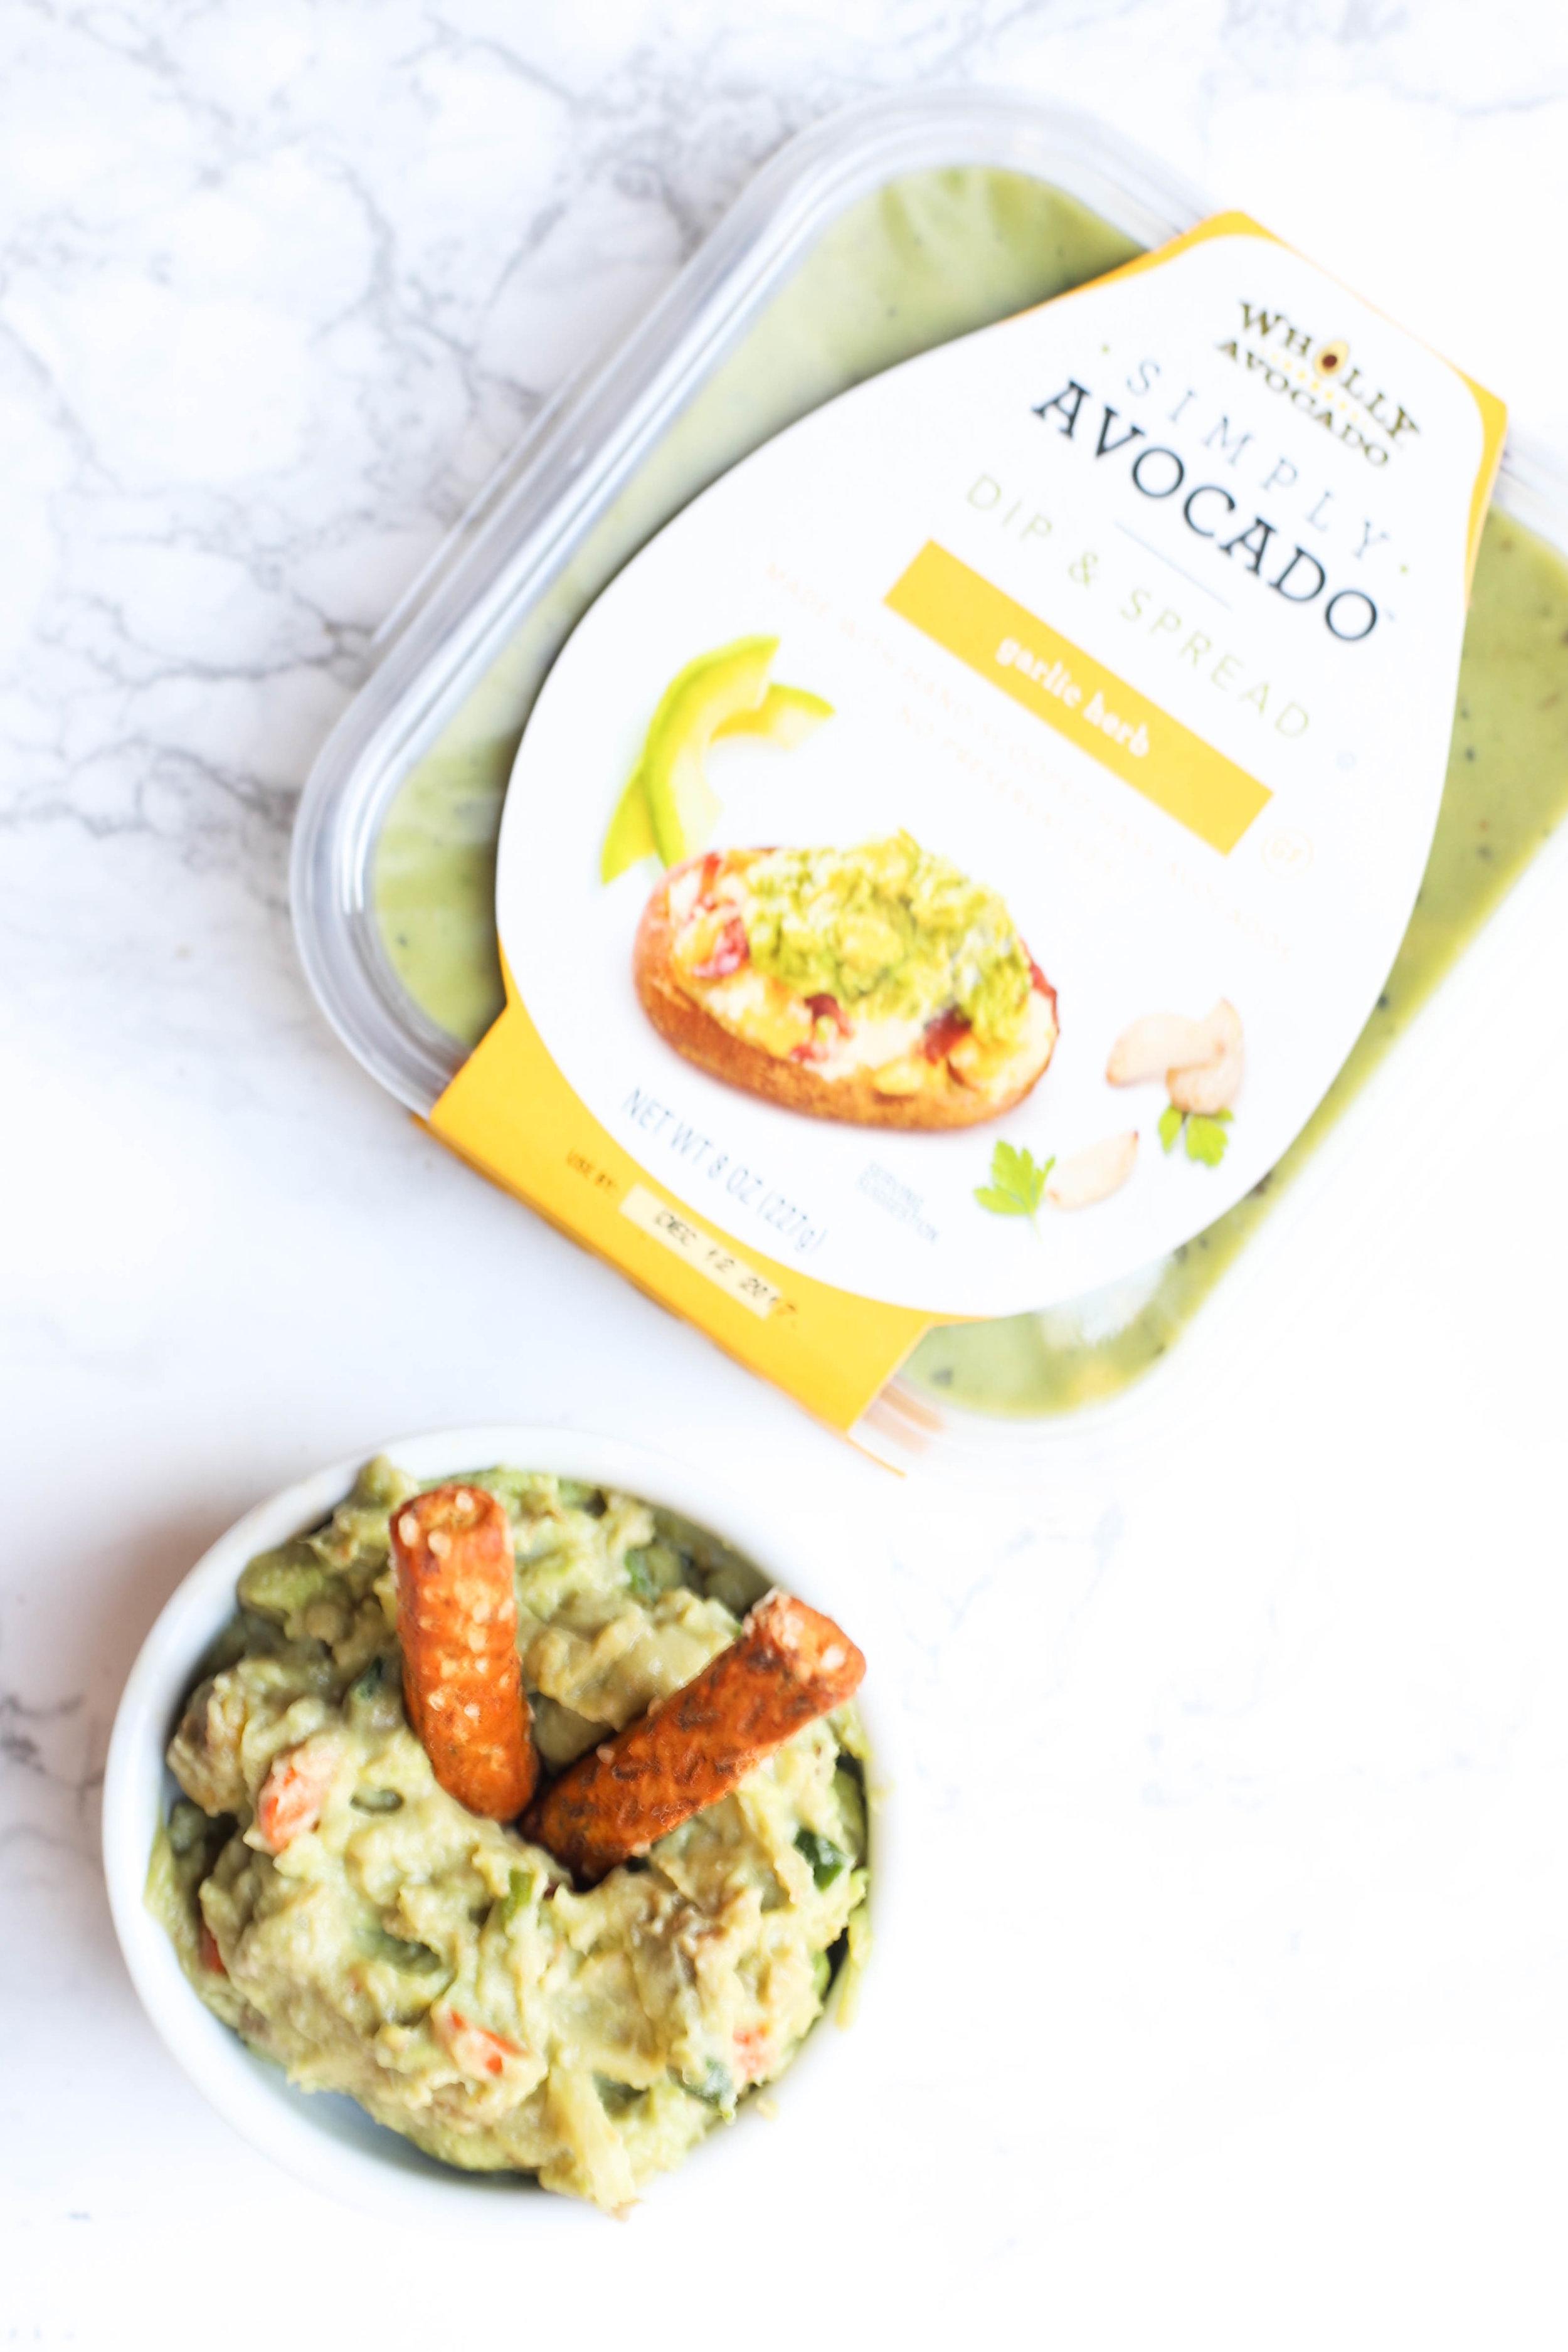 Avocado Spread Healthy Snack